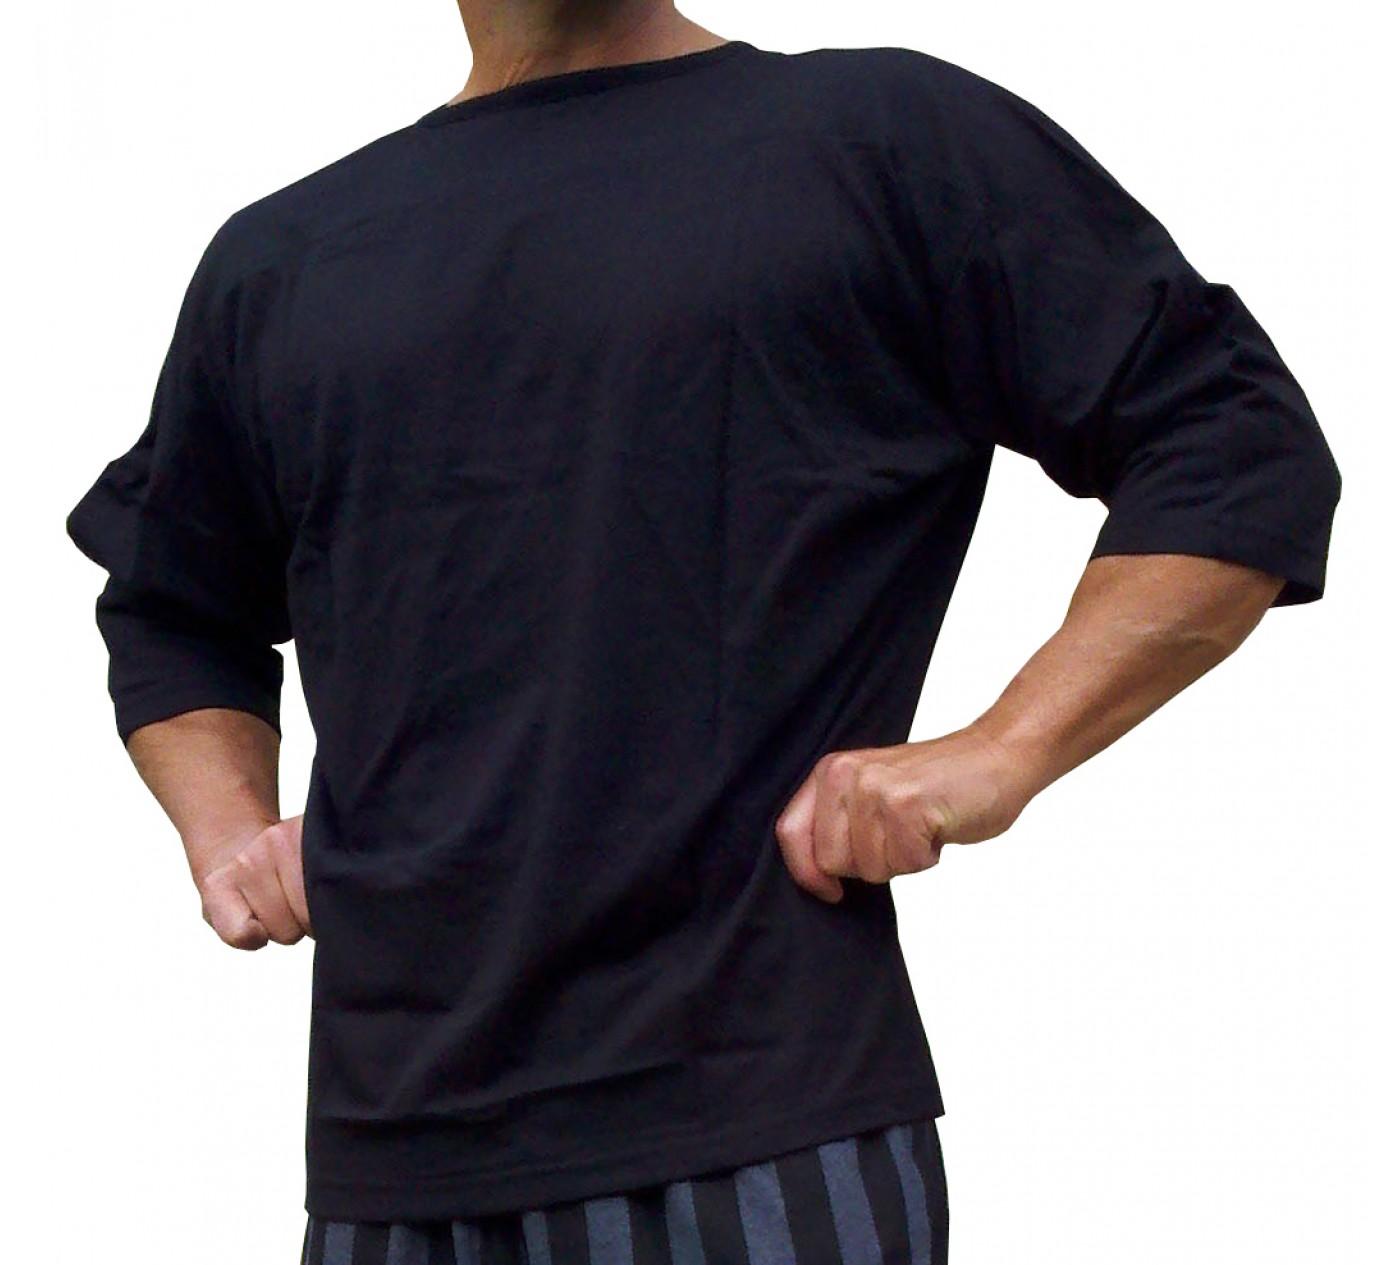 C444 مجنون ارتداء العضلات أعلى 3/4 كم